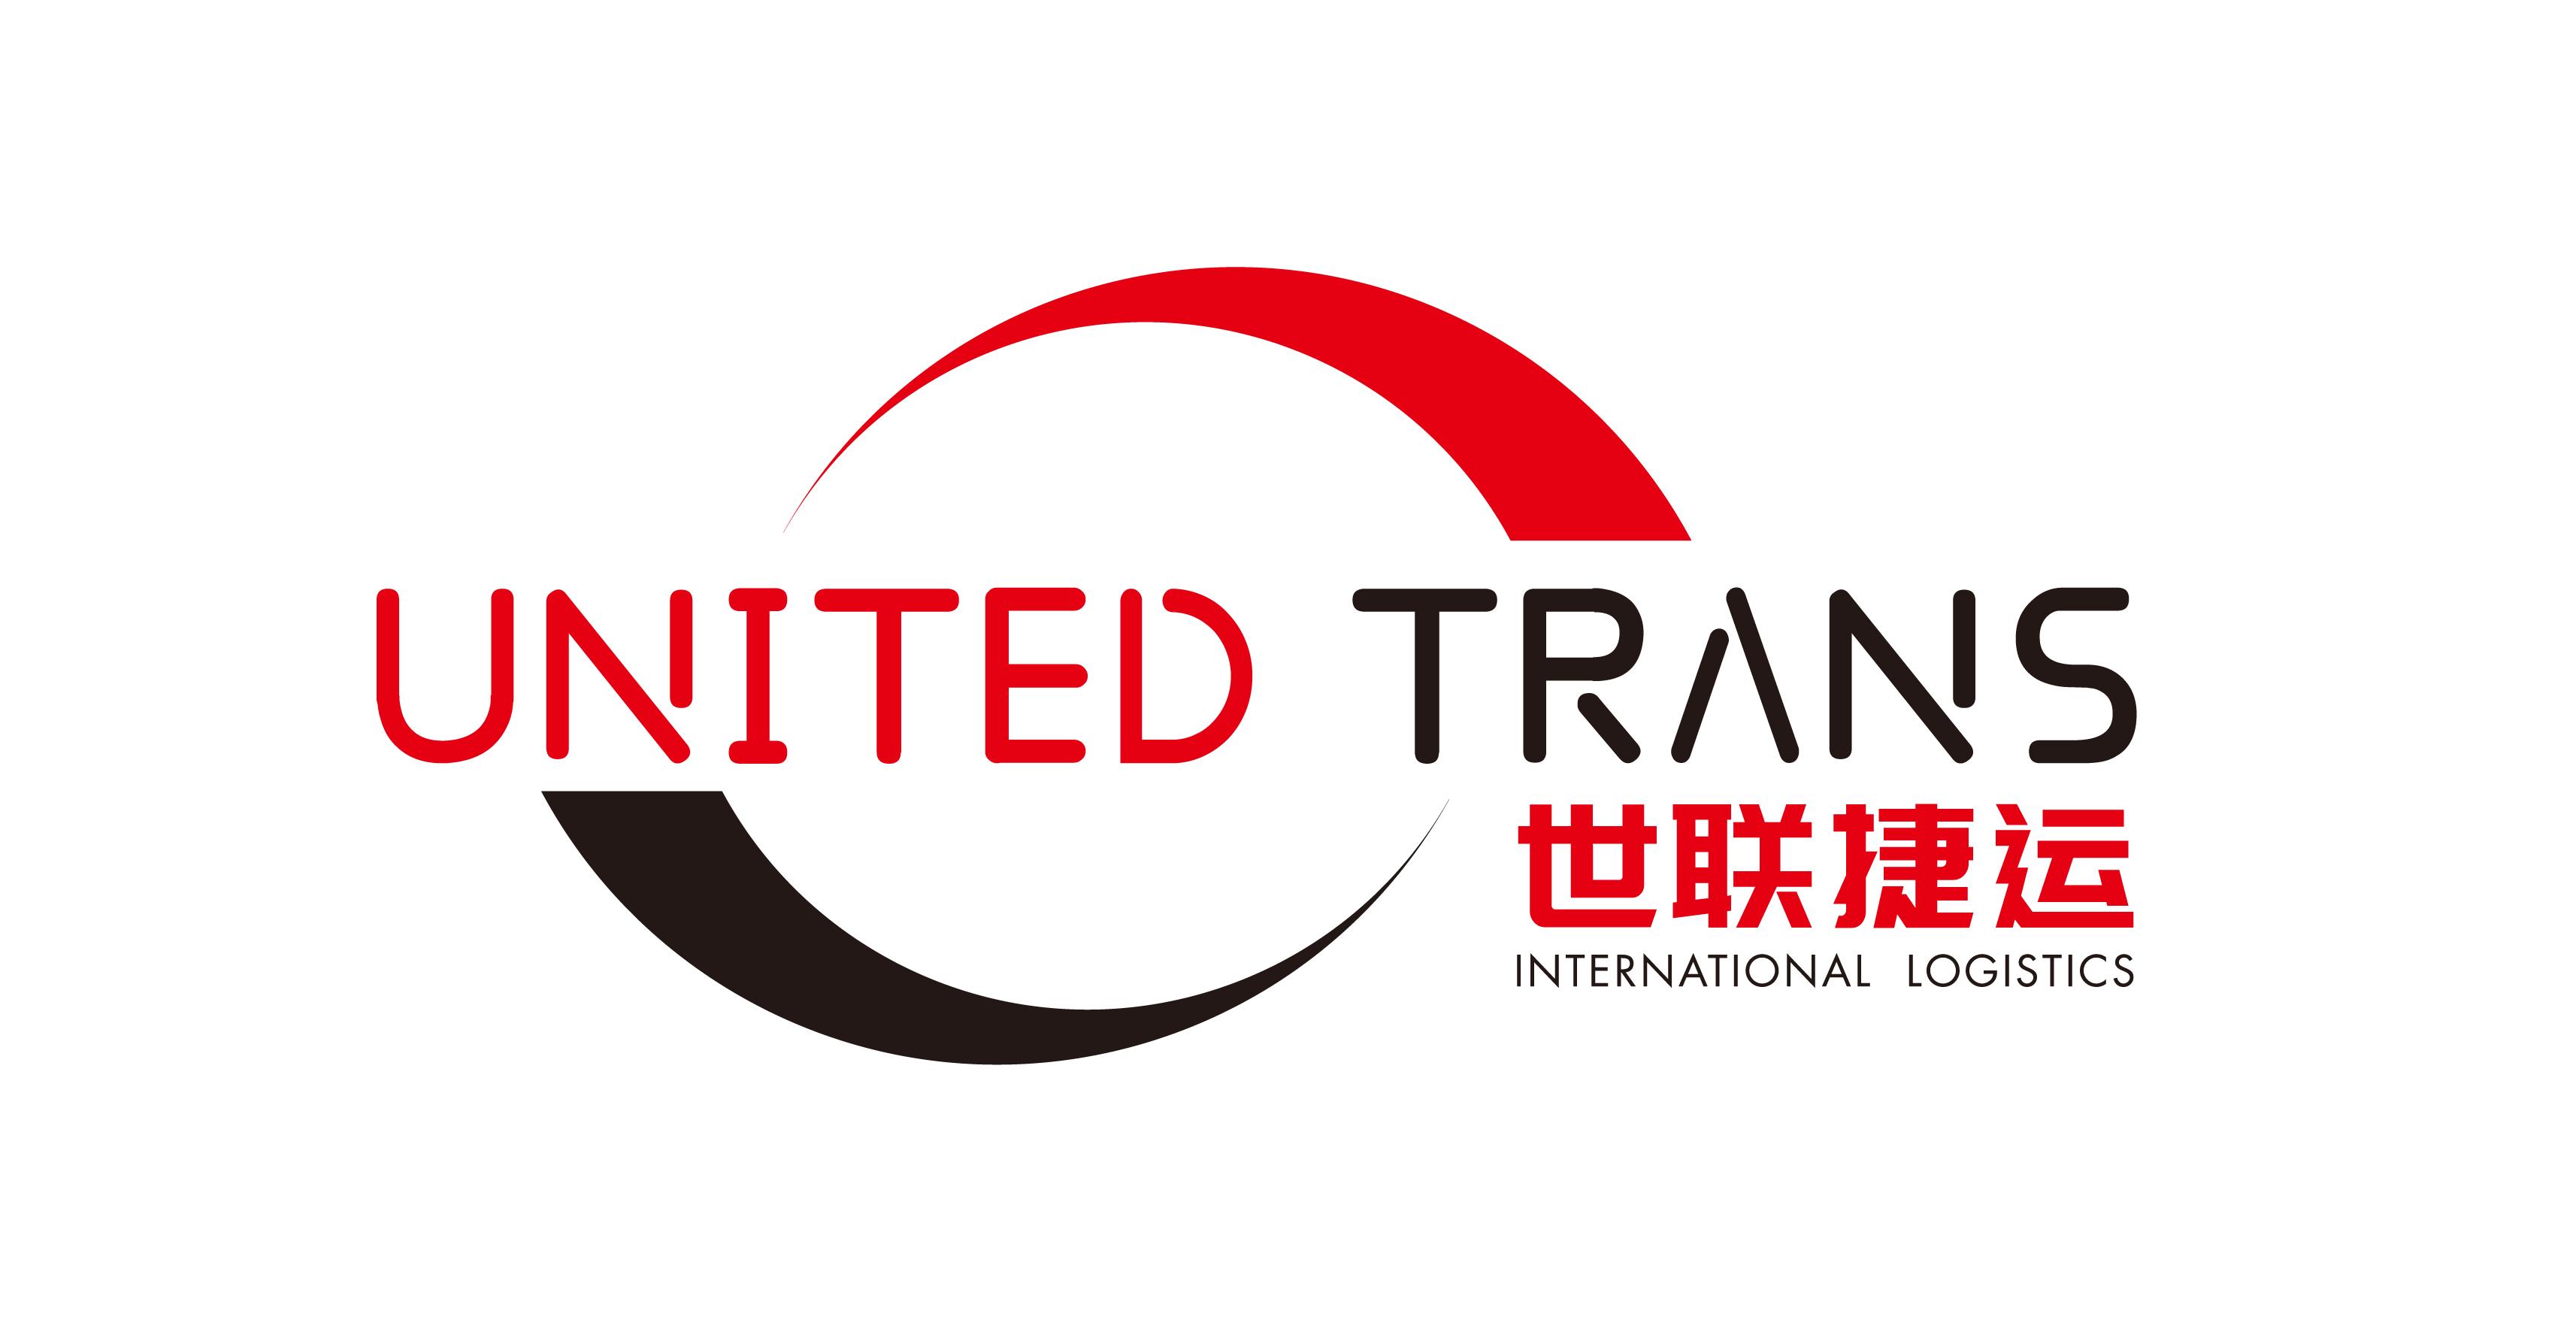 世聯捷運(深圳)國際物流有限公司